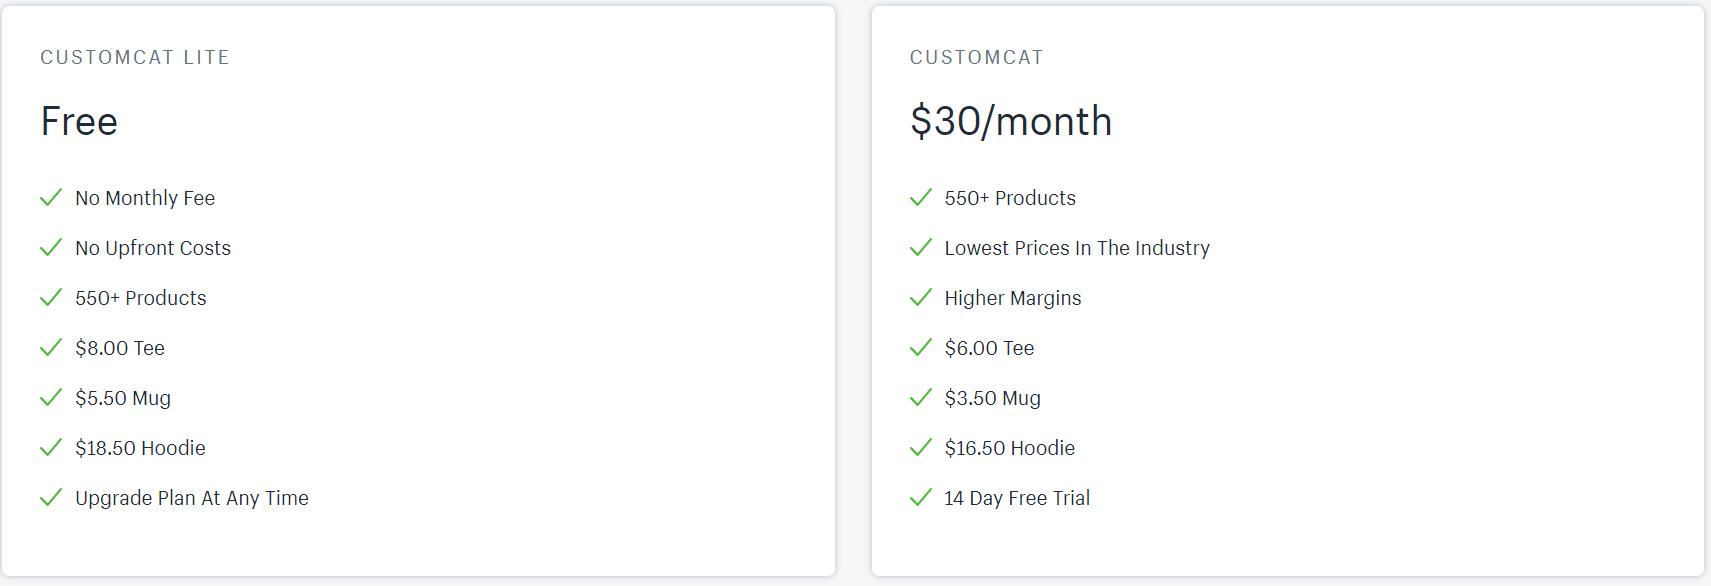 Custom Cat Review- Pricing